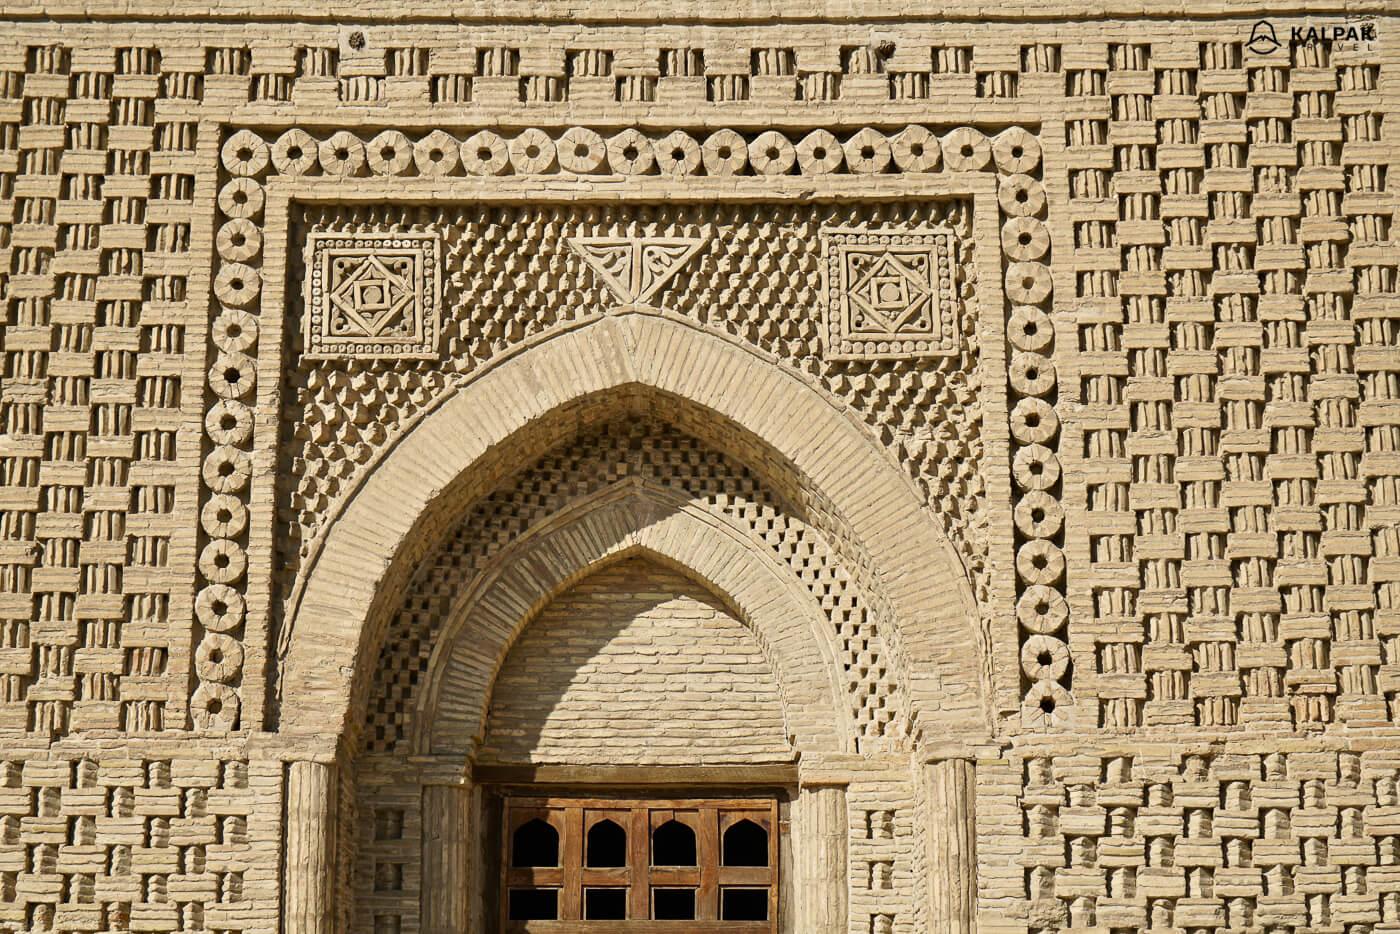 Samanid mausoleum details in Bukhara